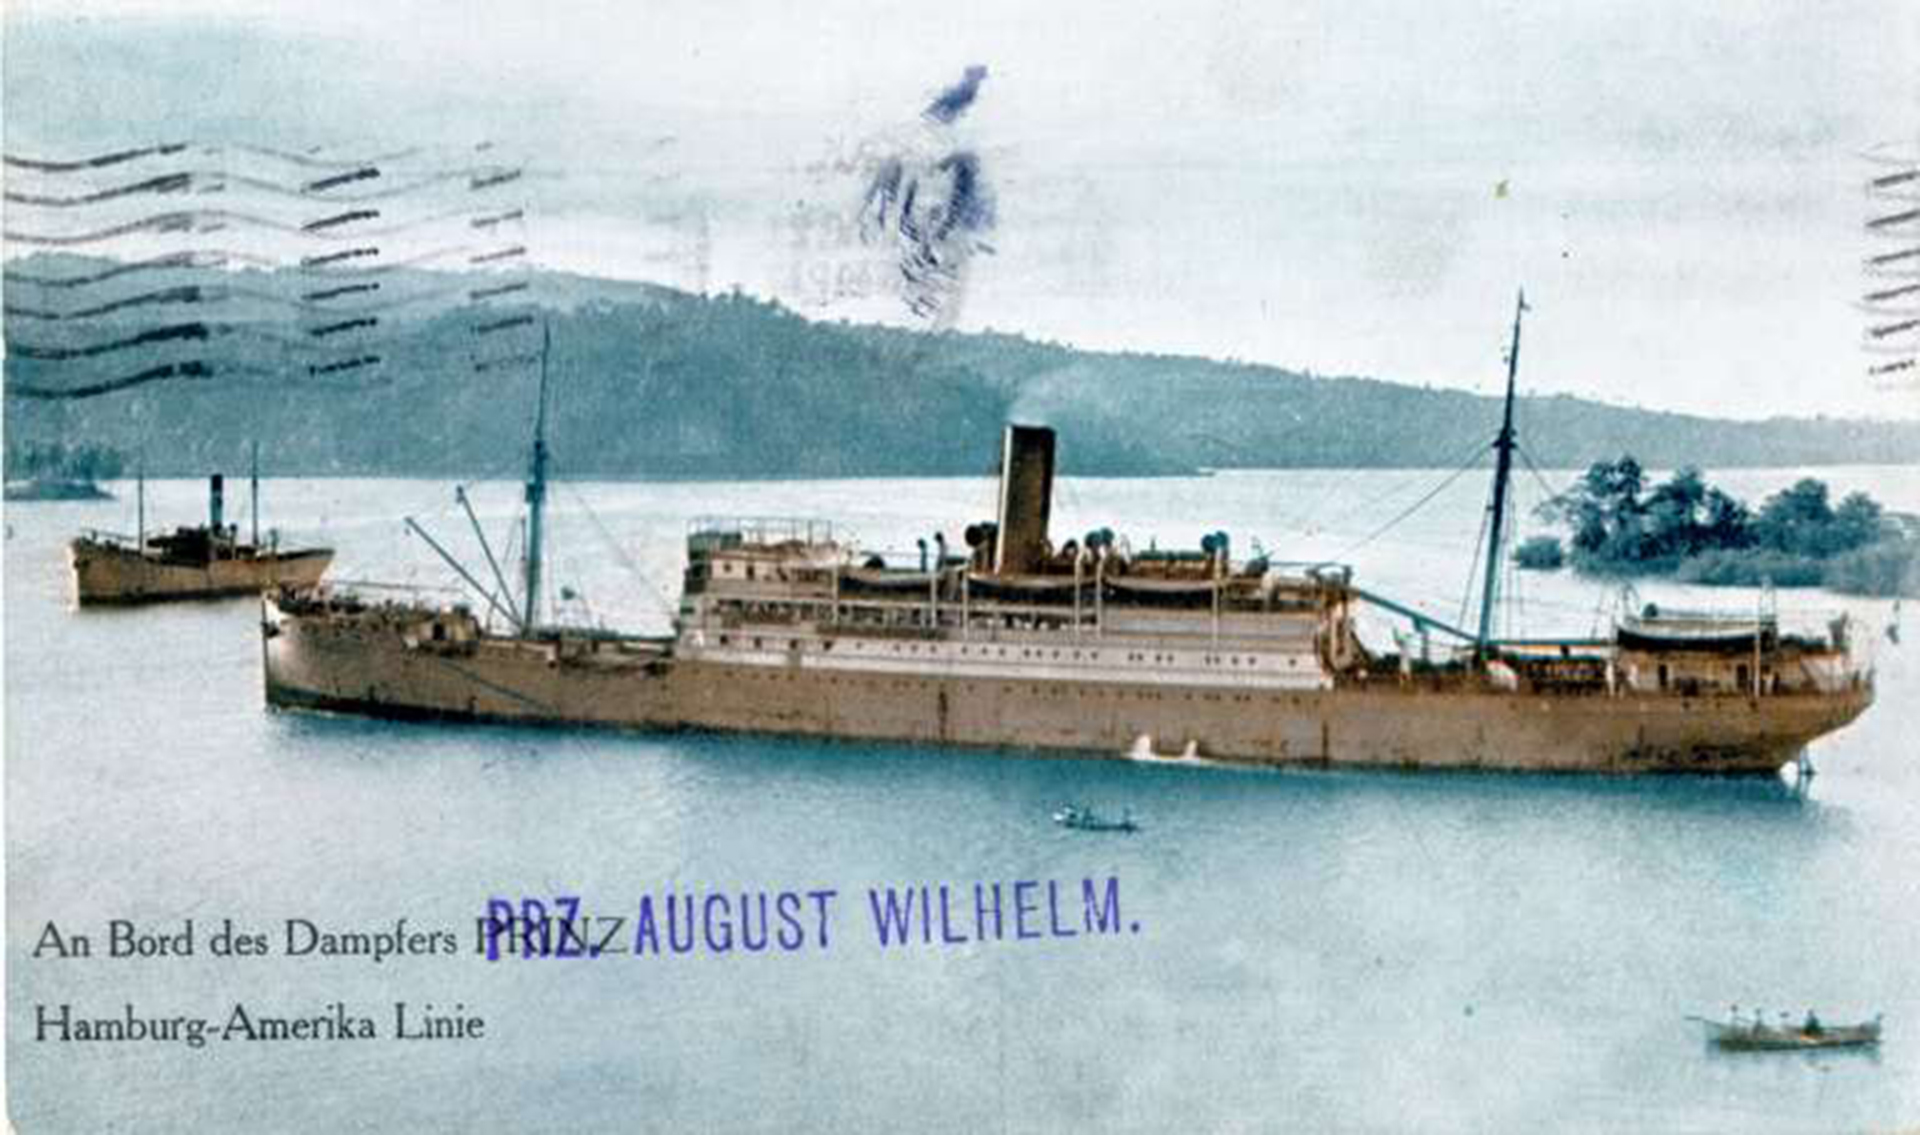 El vapor alemán Prinz August Wilhelm fue hundido en Puerto Colombia por su misma tripulación en 1918, para evitar caer en manos enemigas durante la I Guerra Mundial.